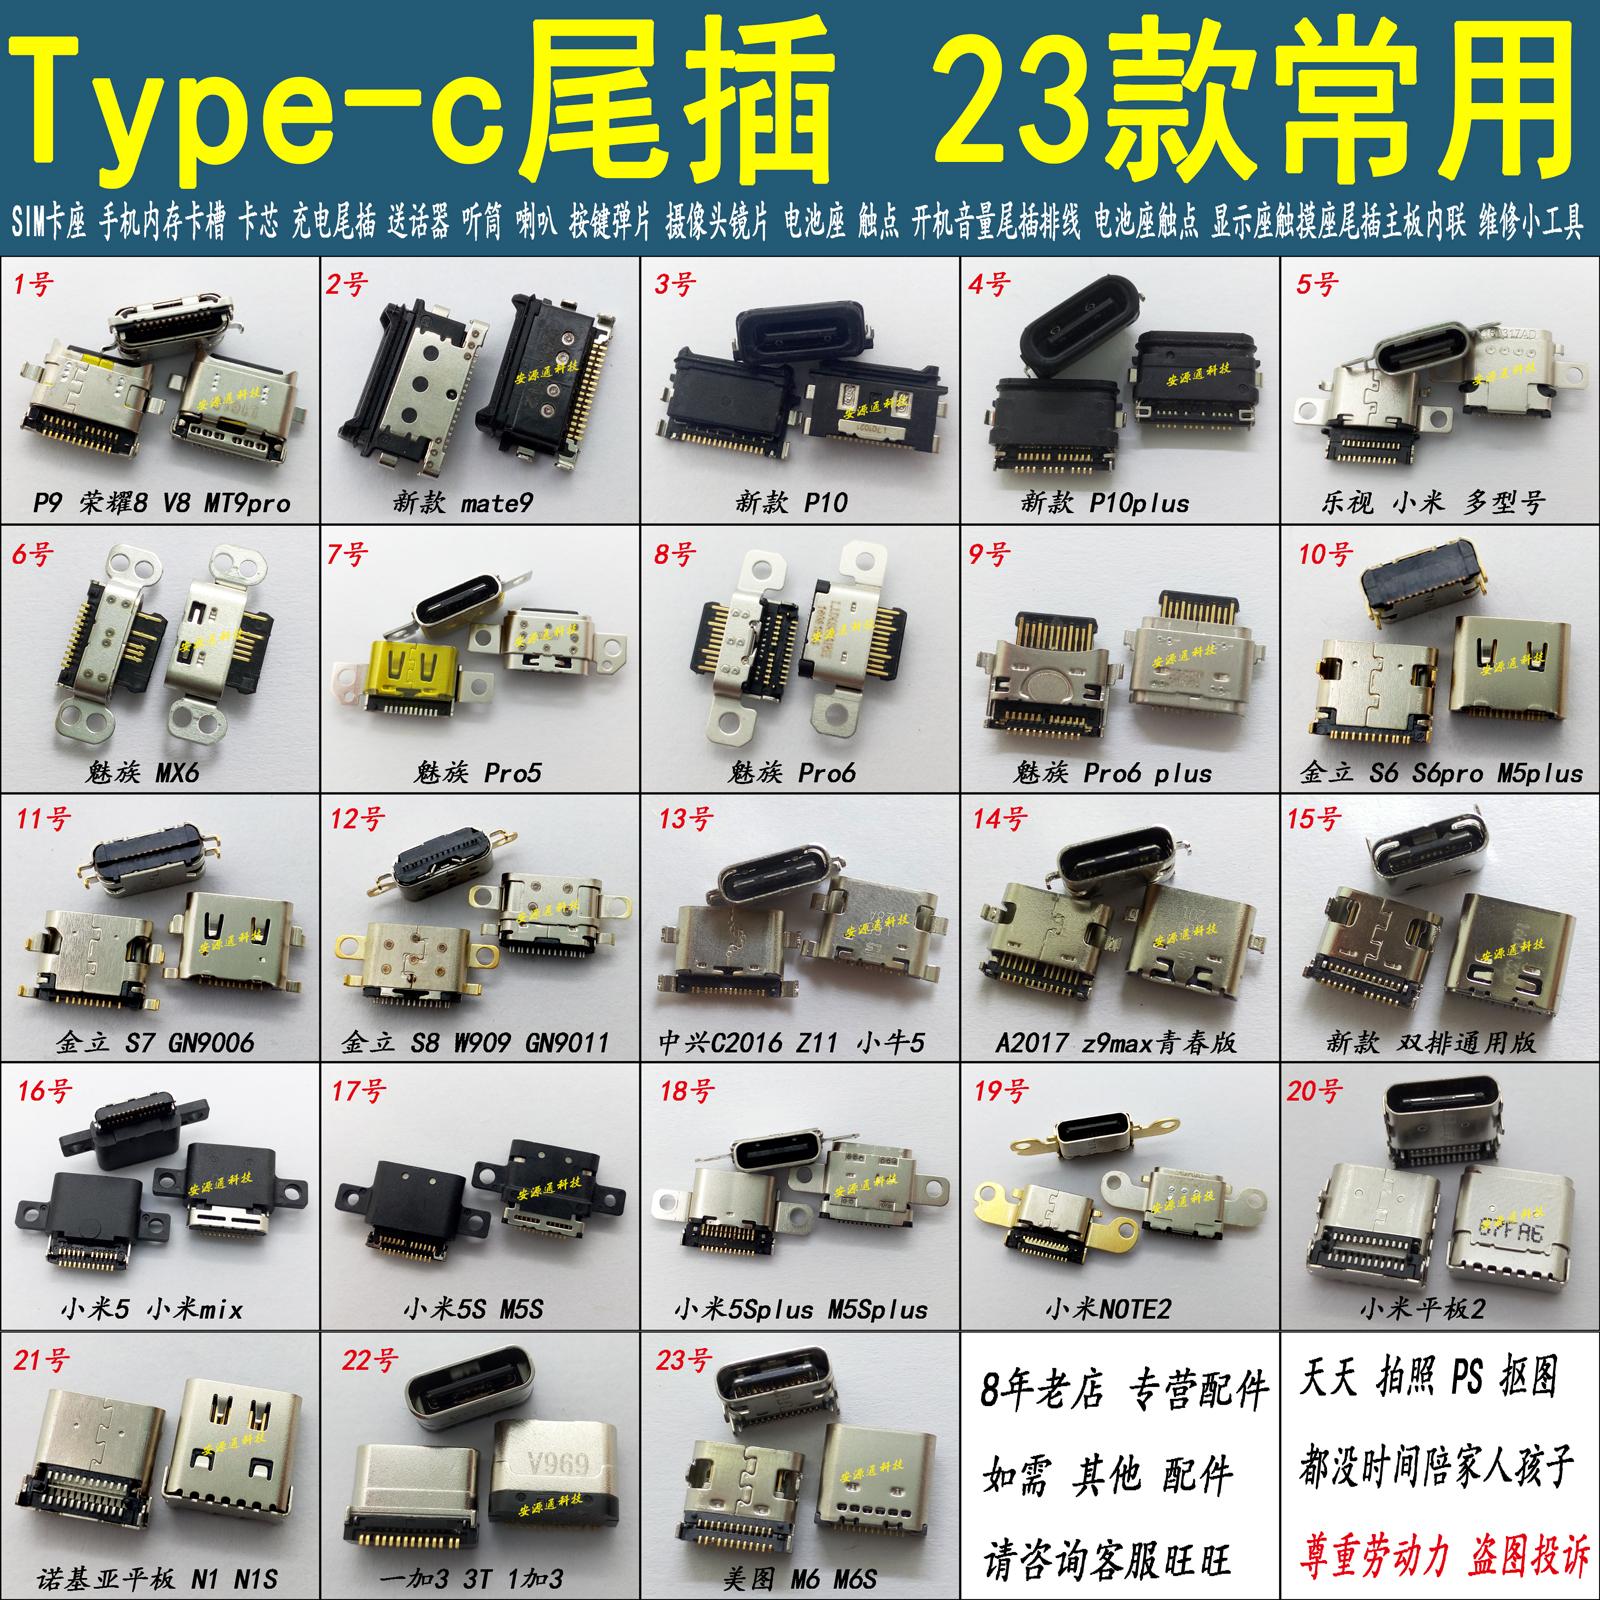 尾插充电口适用华为P9 小米4C M5S plus 金立S6/7/8 魅族Pro5乐视